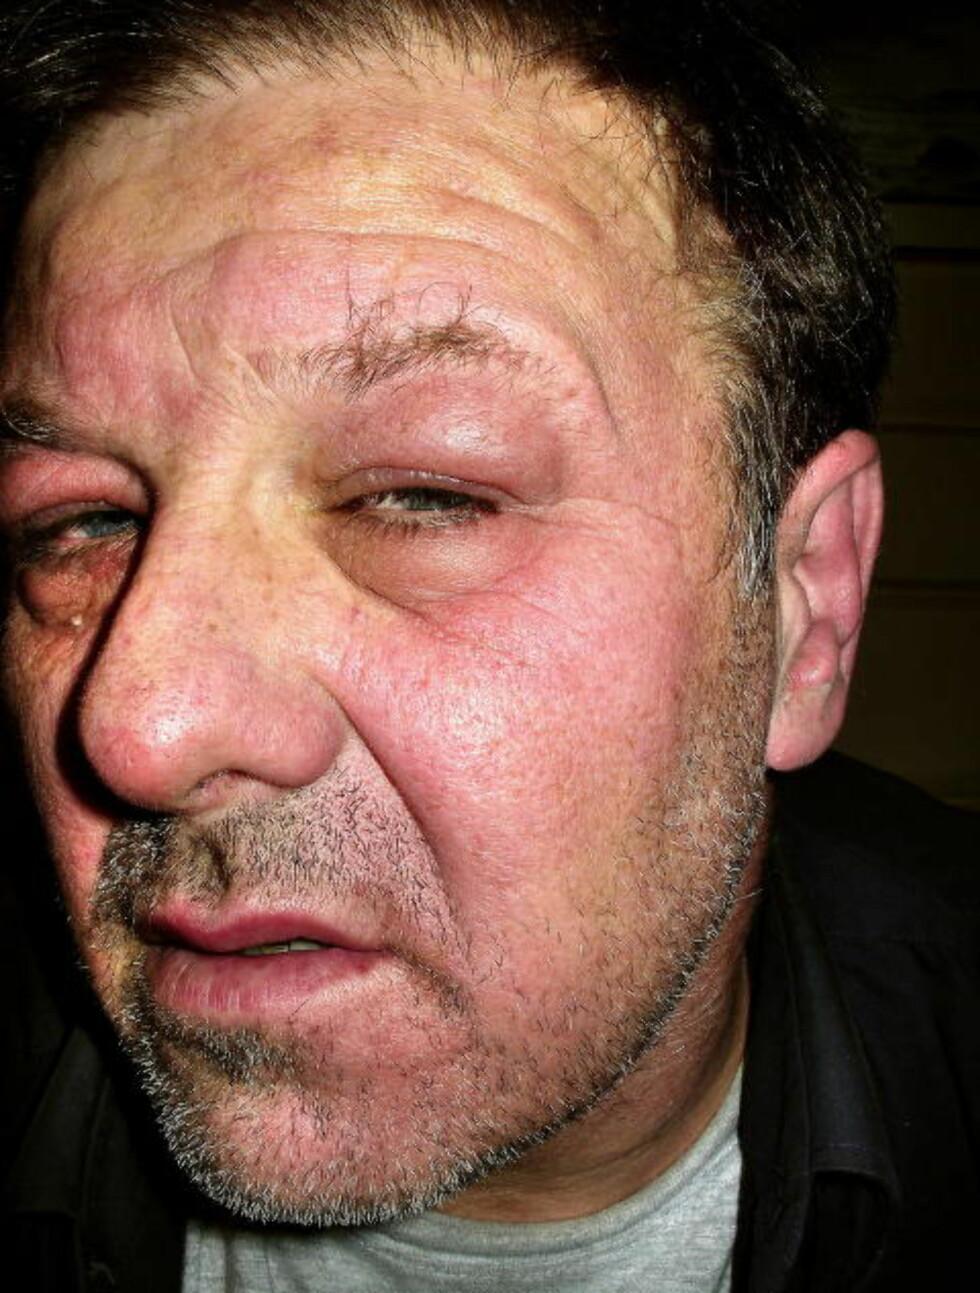 YRKESSYK: Tidligere Ekofisk-arbeider Jan-Erik Tandberg tåler ikke lenger eksponering for kjemikalier. Slik så han ut etter å ha drevet med oppussing og maling for noen år siden.  Foto: Privat